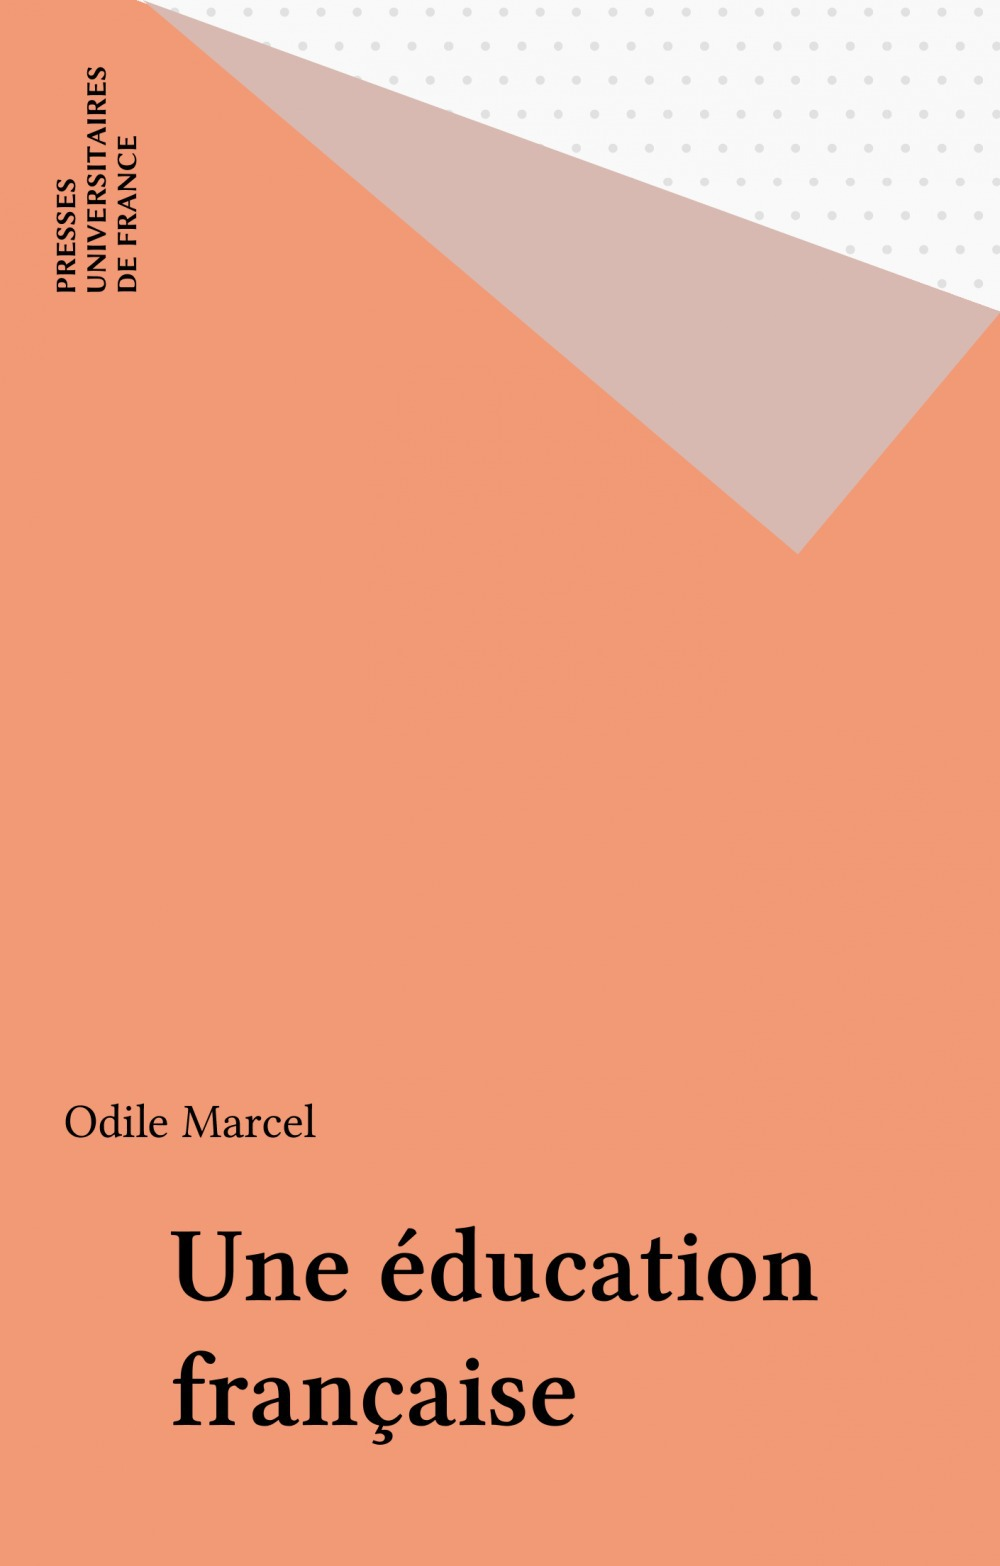 Une education française